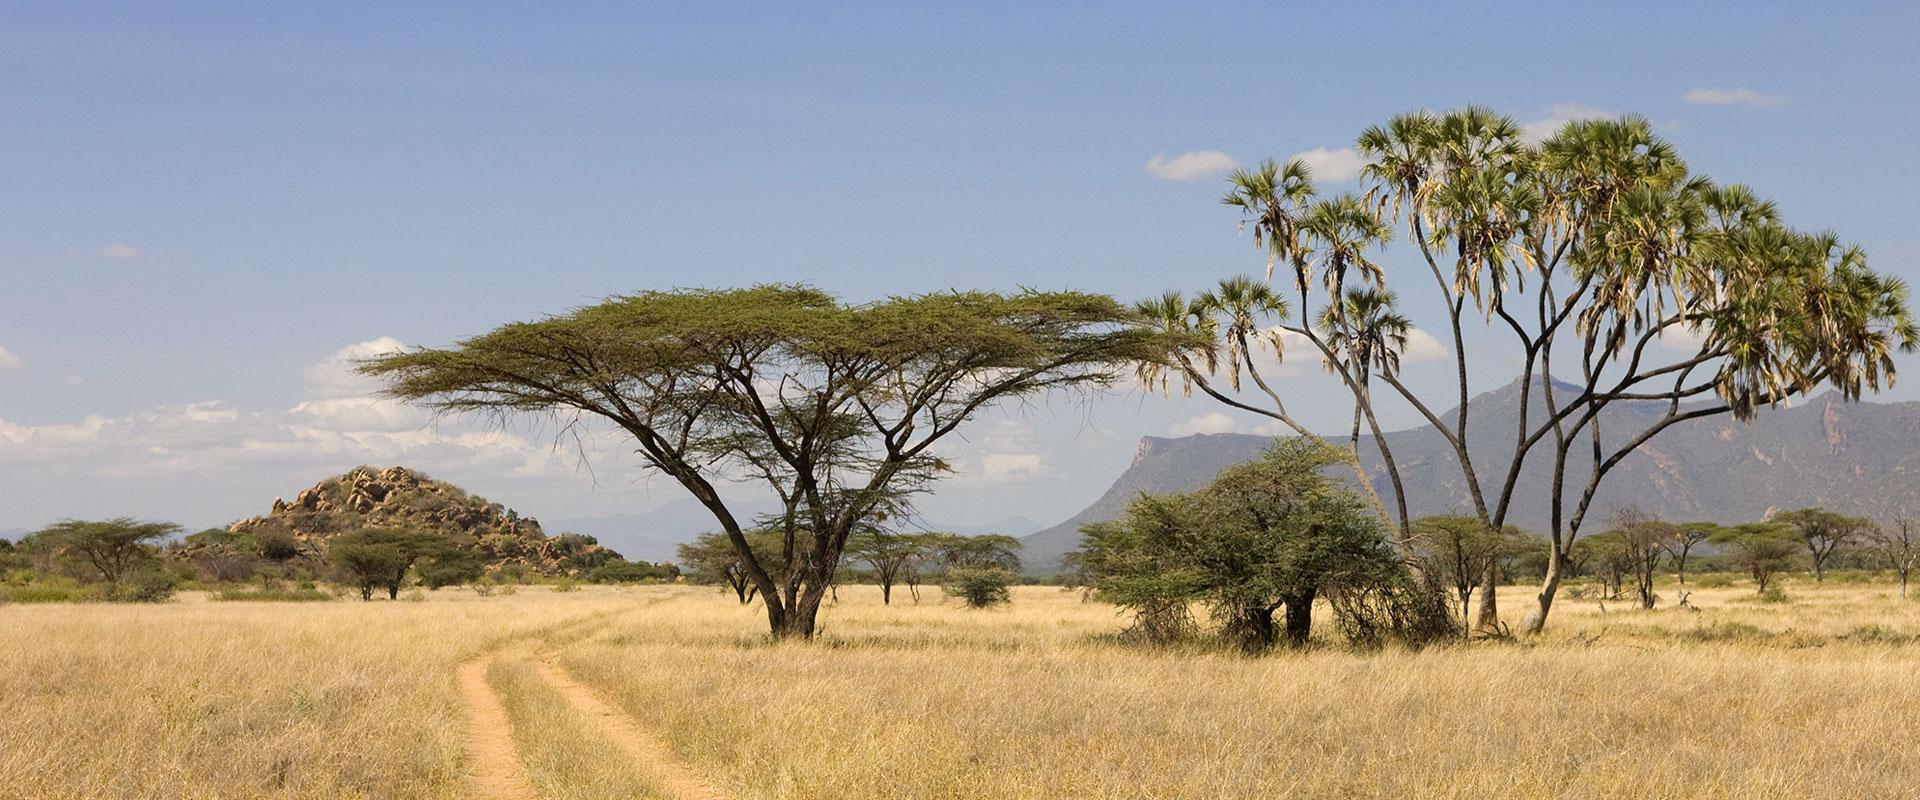 Kenya At A Glance